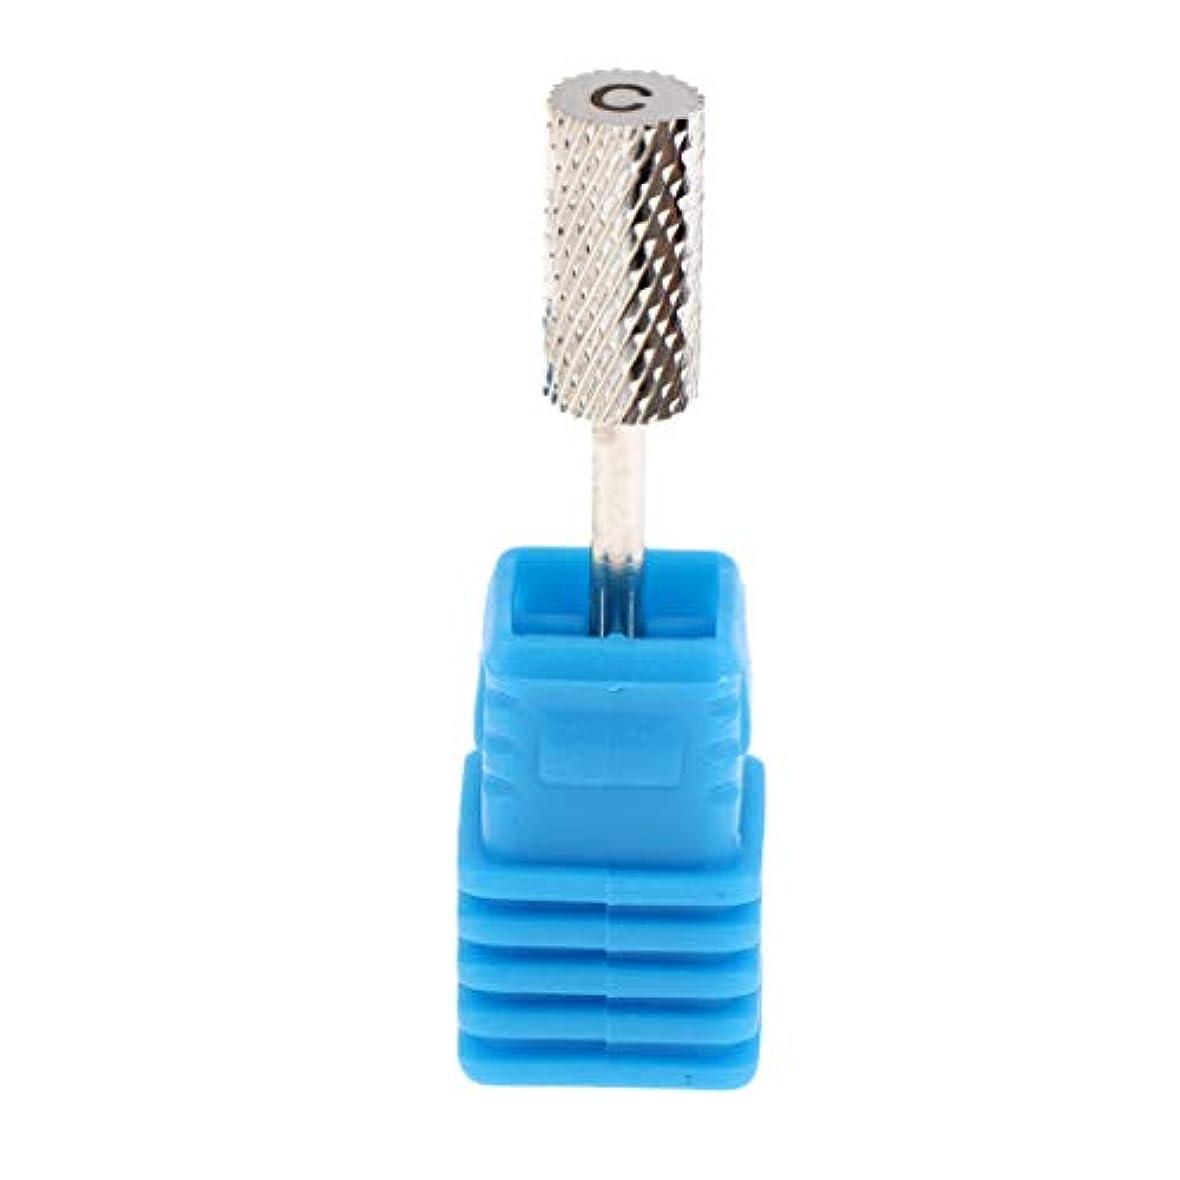 さびたインサートアーサー電気ネイルマシン ネイルドリルビット 研磨ヘッド ネイルサロン 爪やすり 全6選択 - 03